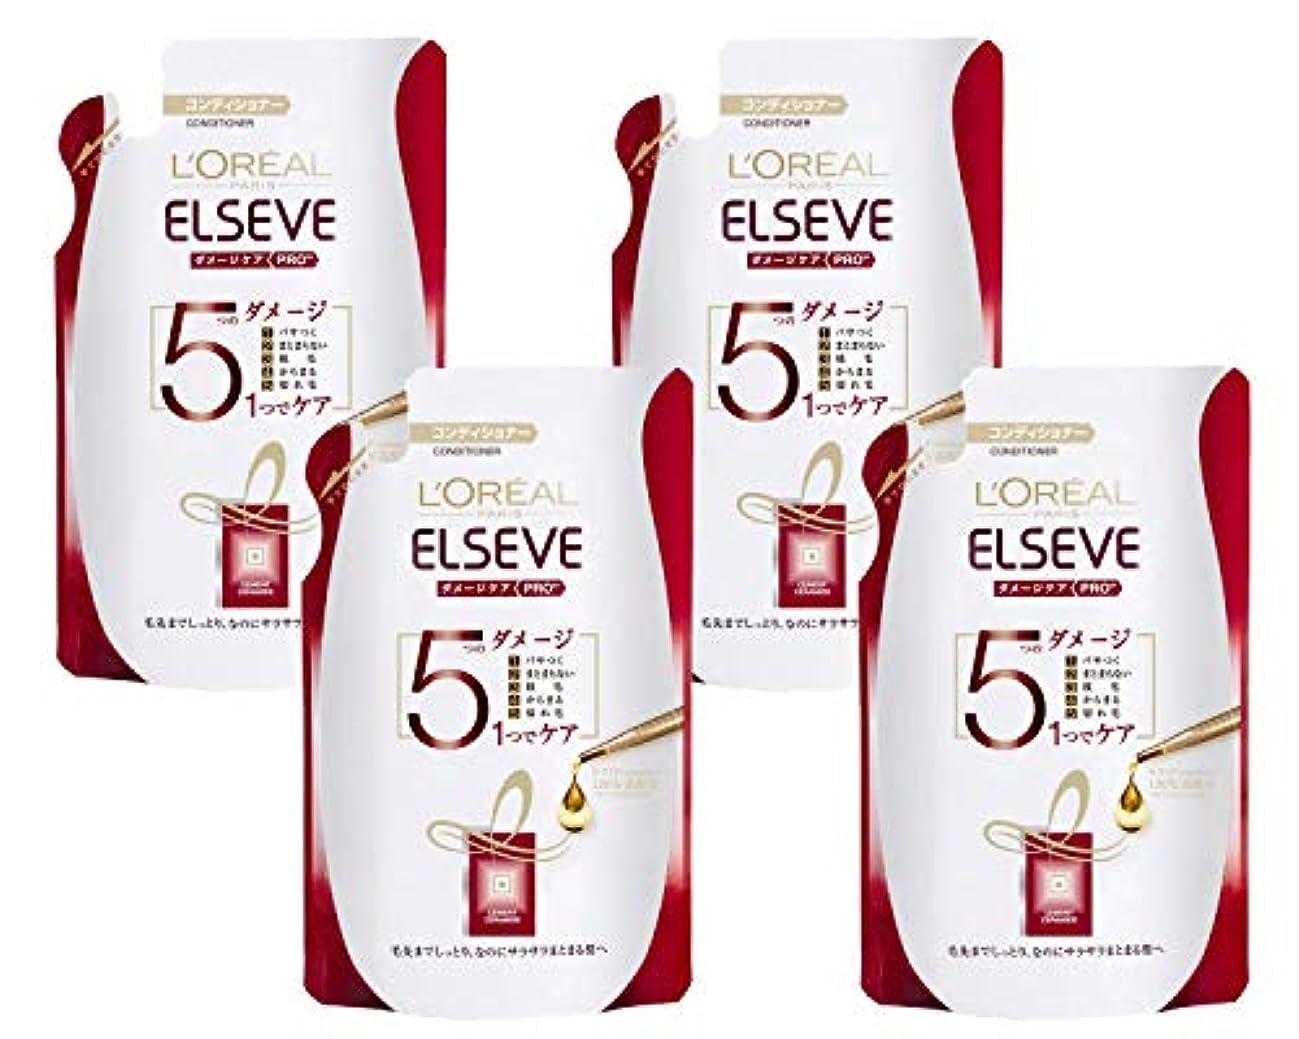 意図的広告言うまでもなく【4袋セット】 エルセーヴ ダメージケアPROEXコンデショナー レフィル × 4袋